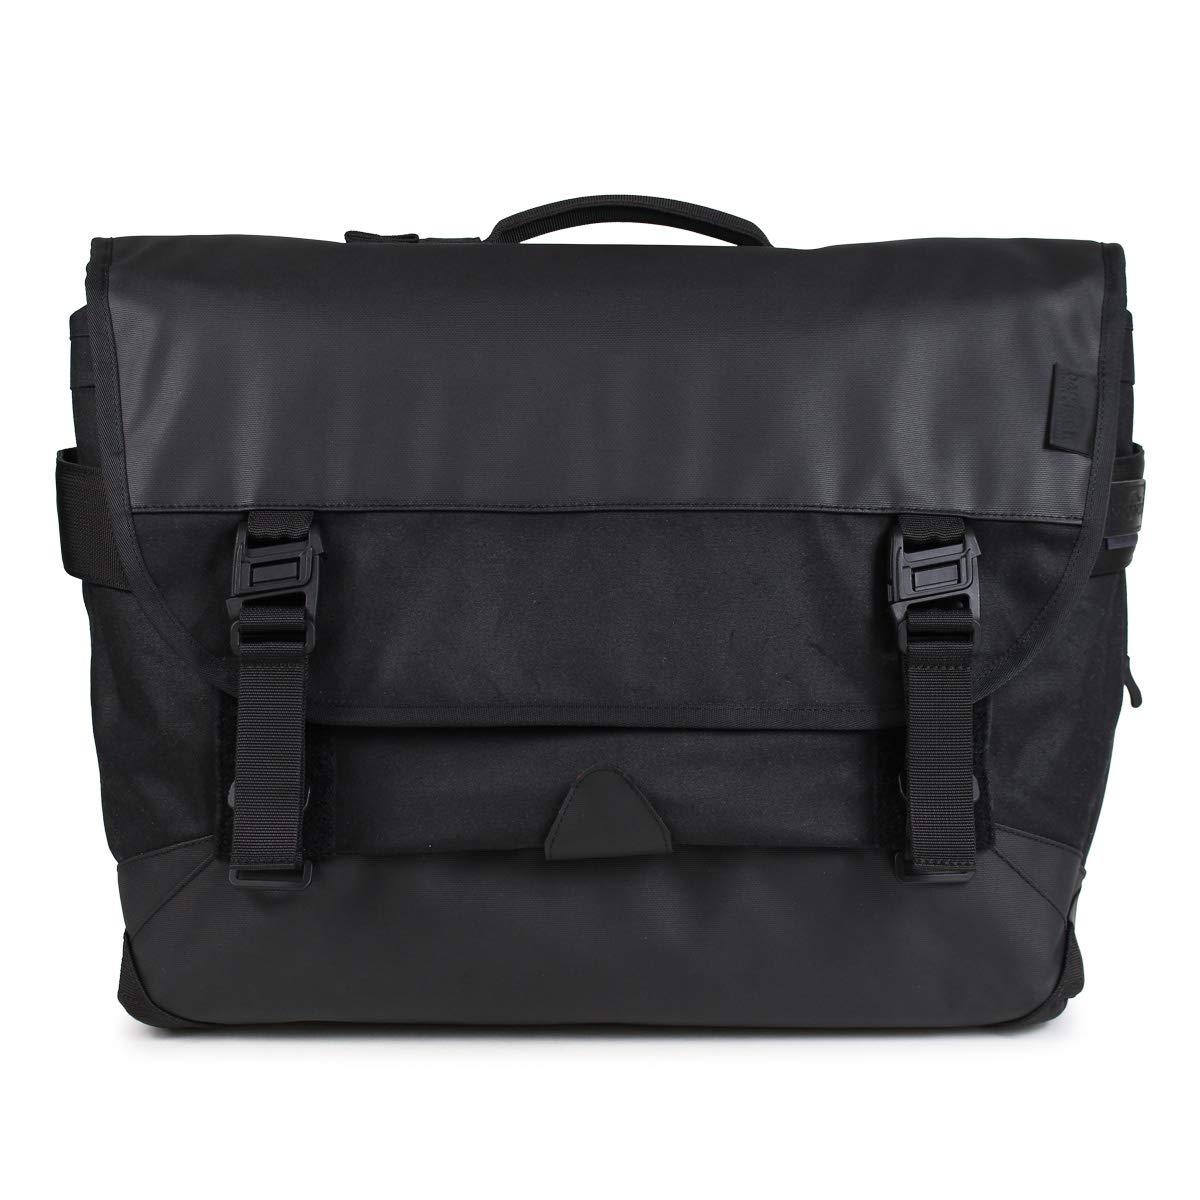 バッグジャック NEXT LEVEL MSNGR M メッセンジャーバッグ ショルダーバッグ ユニセックス (並行輸入品) [並行輸入品]  ブラック B07PM54RDP